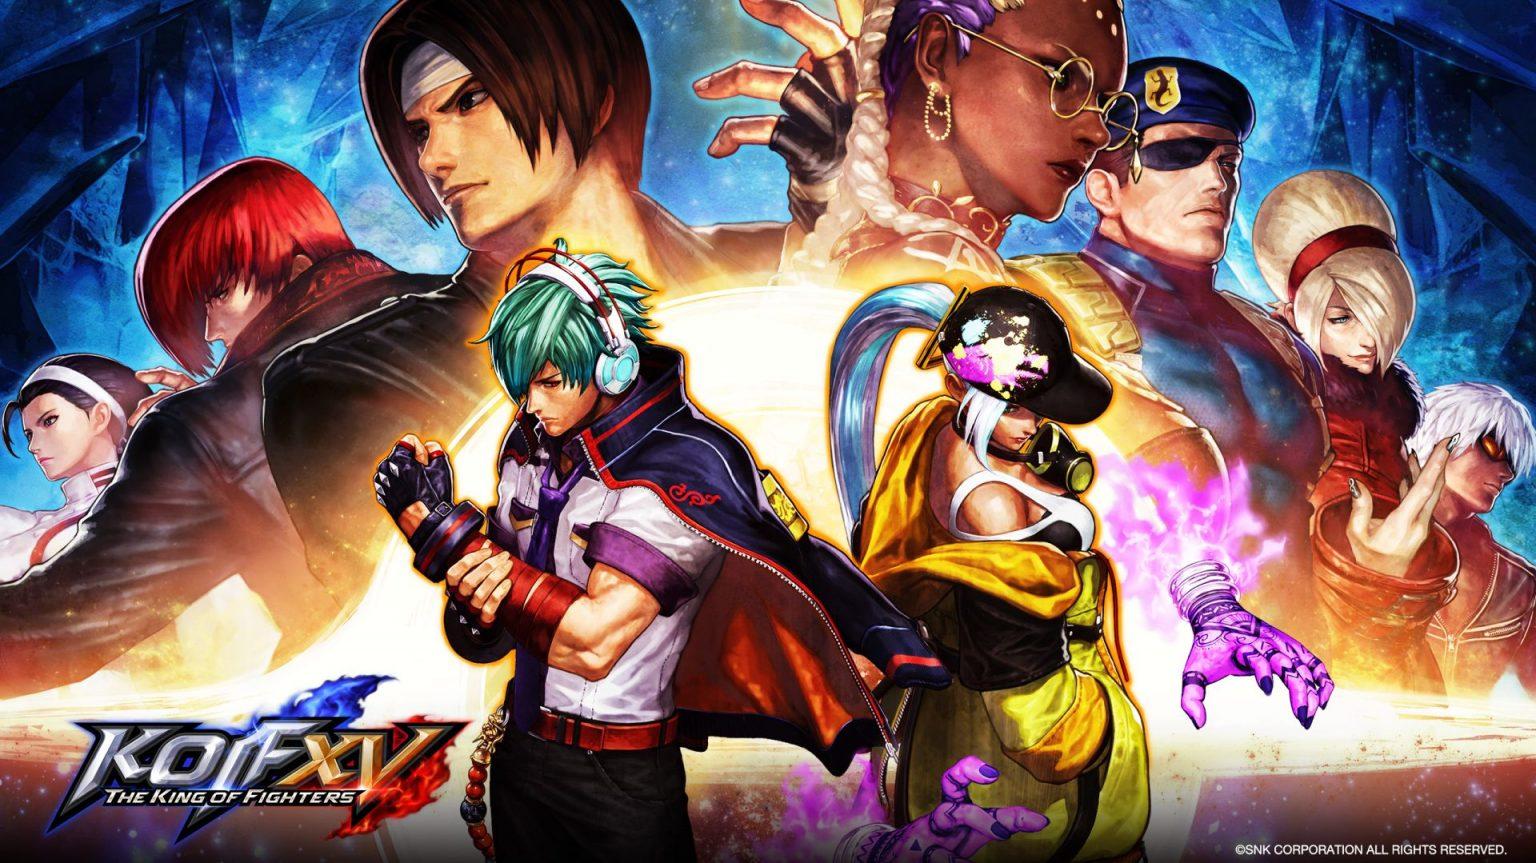 بازی اکشن مبارزهای - The King of Fighters 15